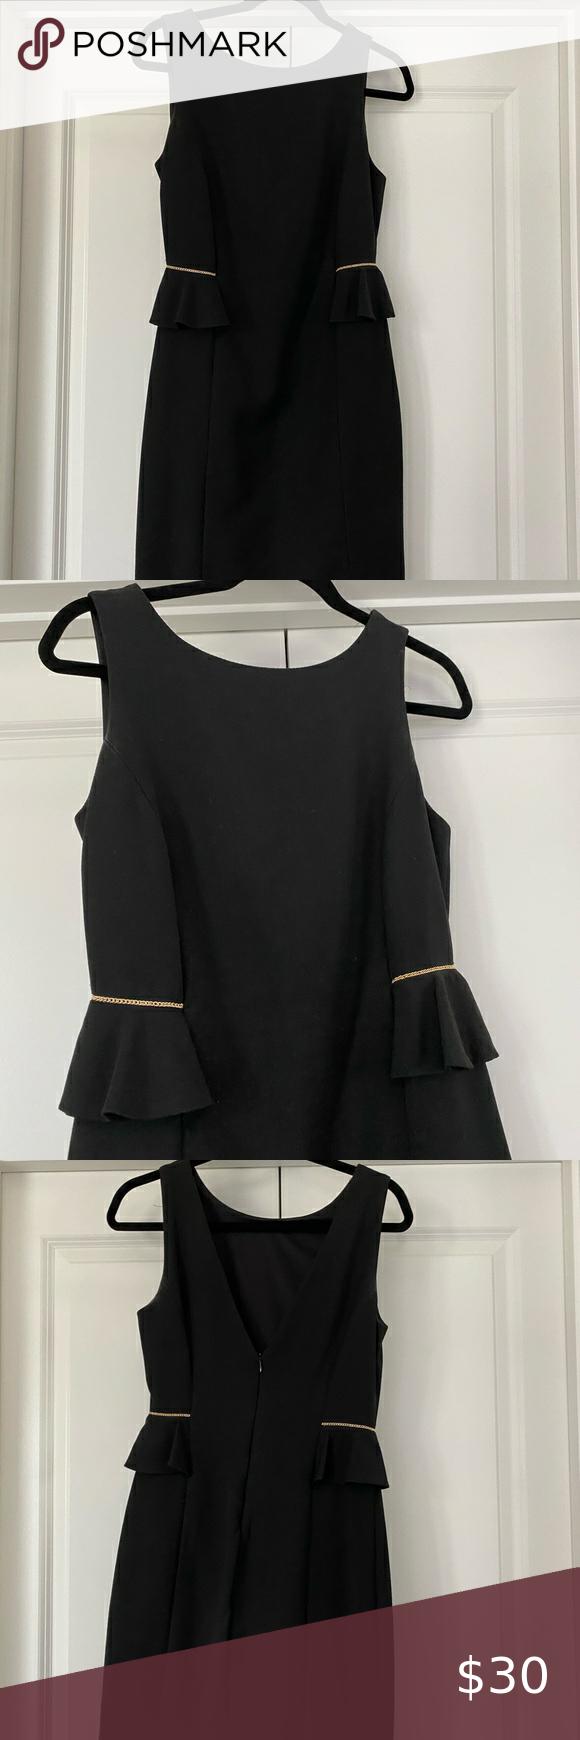 Black Zara Dress Zara Dresses Zara Black Dress Dresses [ 1740 x 580 Pixel ]